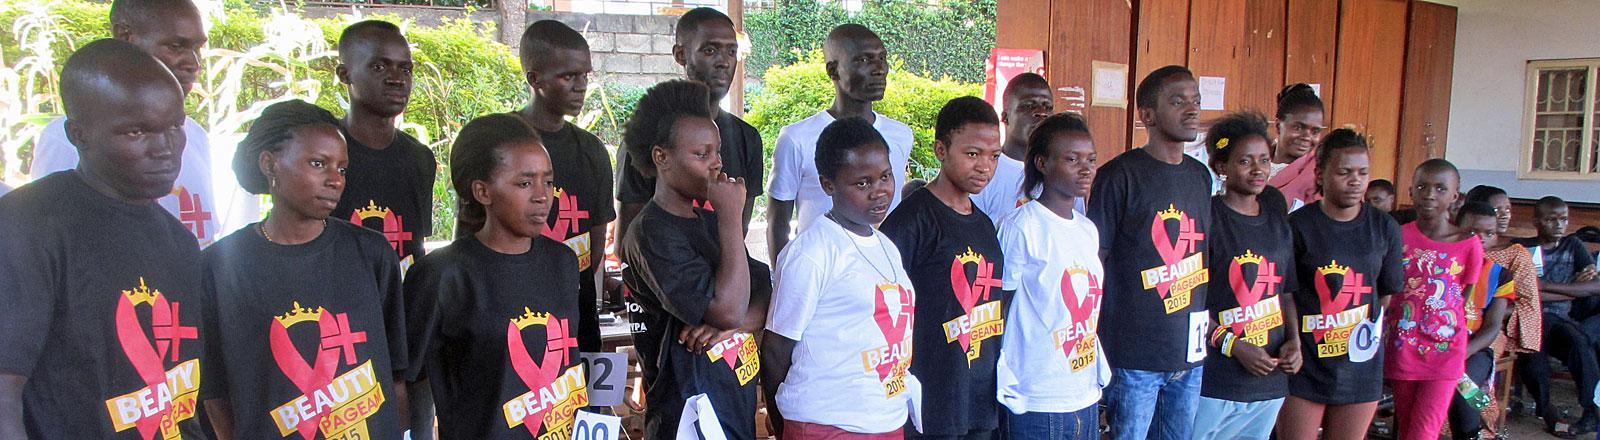 Teilnehmer des Schönheits-Wettbewerbs für HIV-Infizierte in Uganda 2015